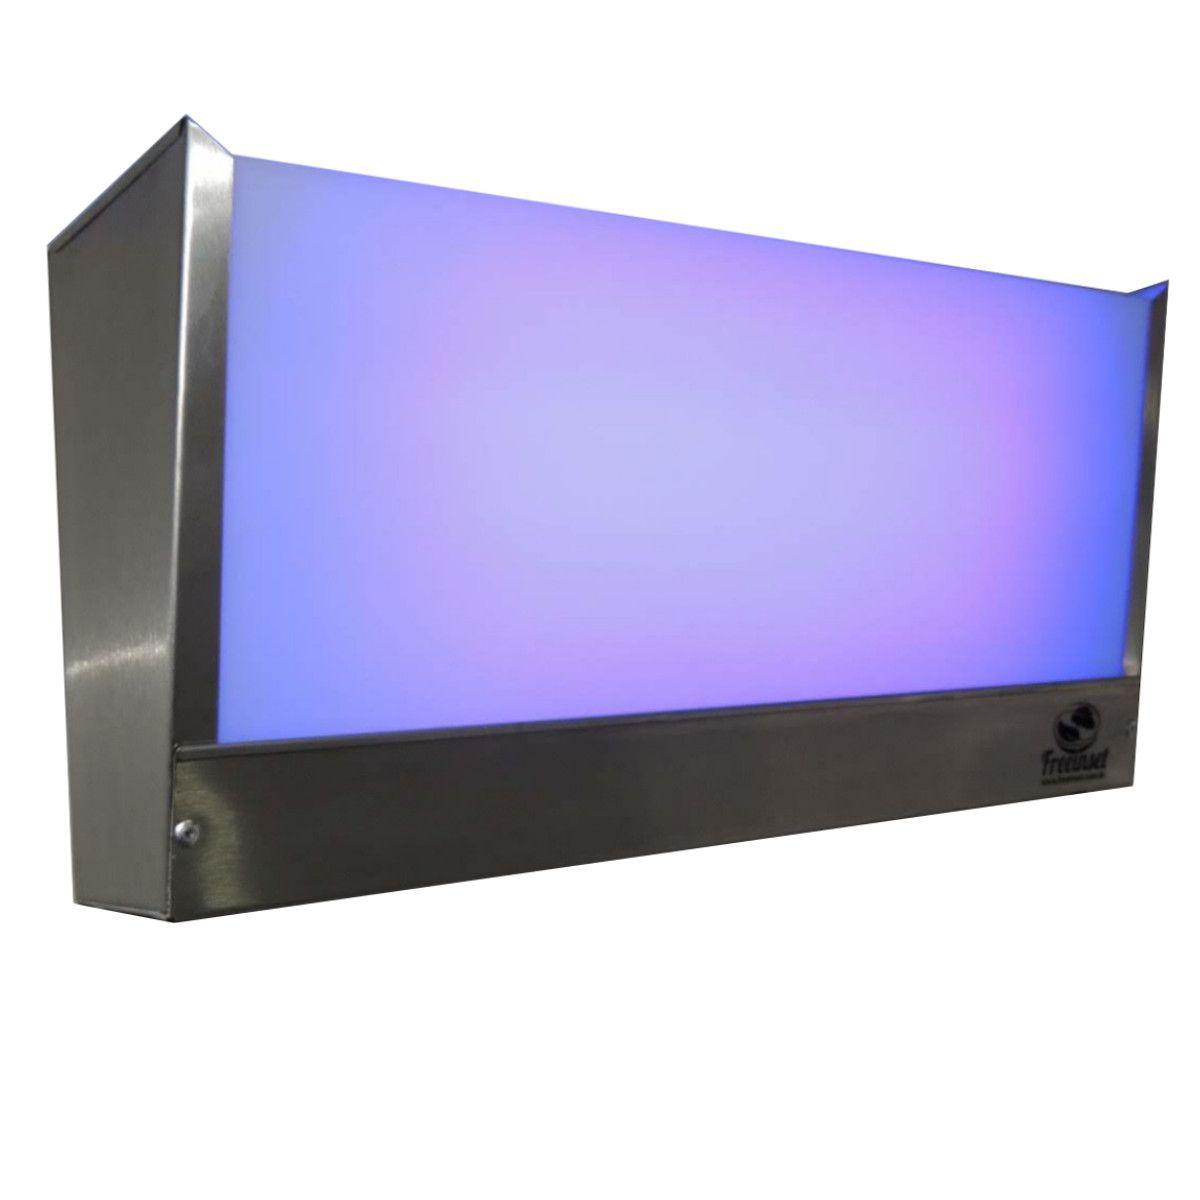 Armadilha Luminosa 1 Lâmpada inox Moscas, Bivolt